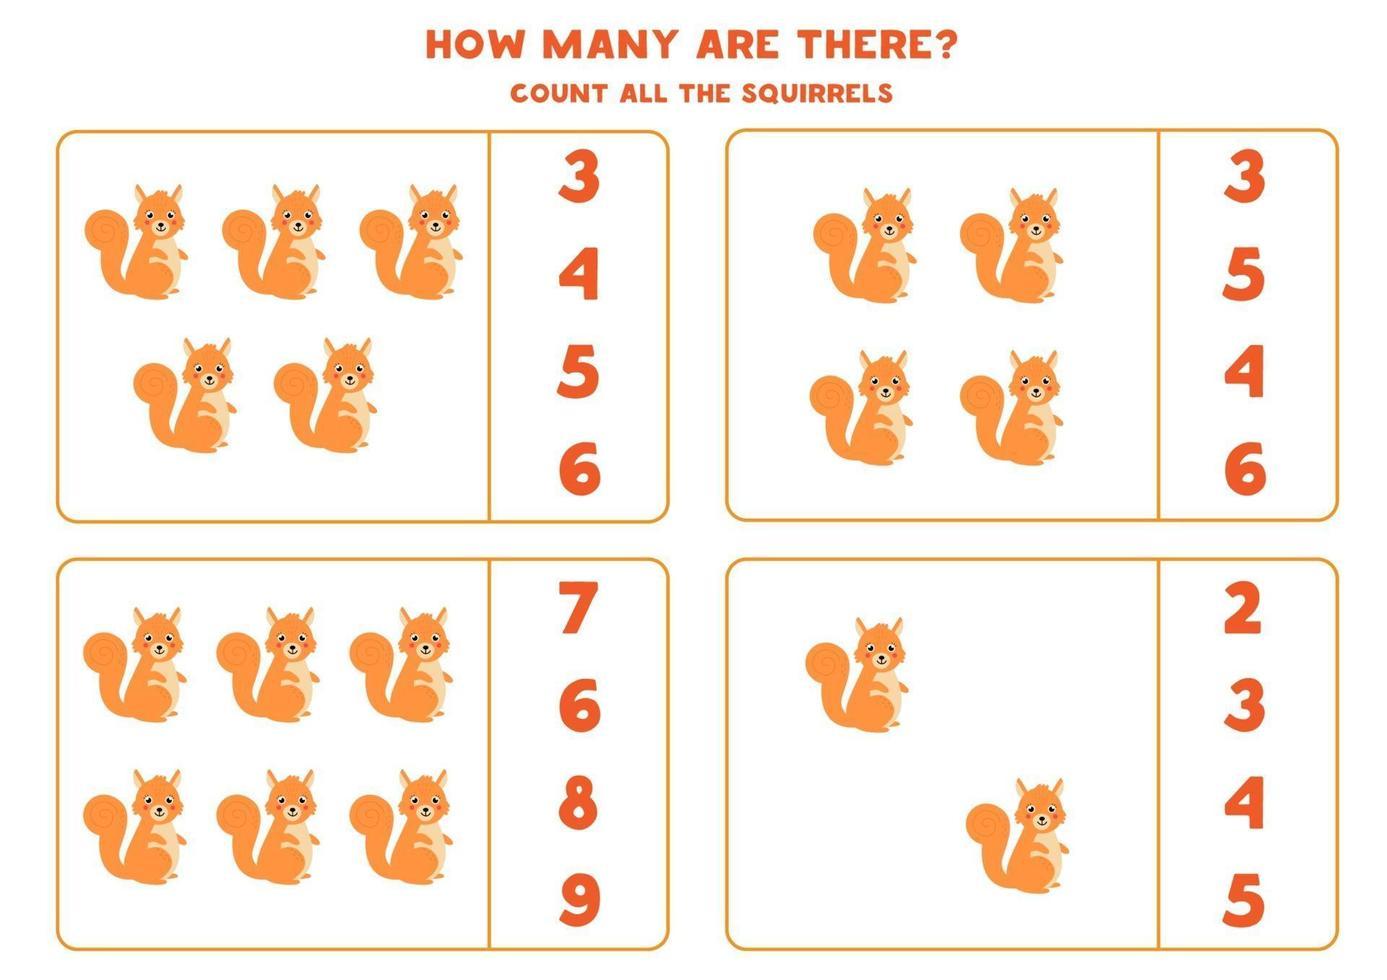 conteggio del gioco di matematica con scoiattoli simpatici cartoni animati. vettore